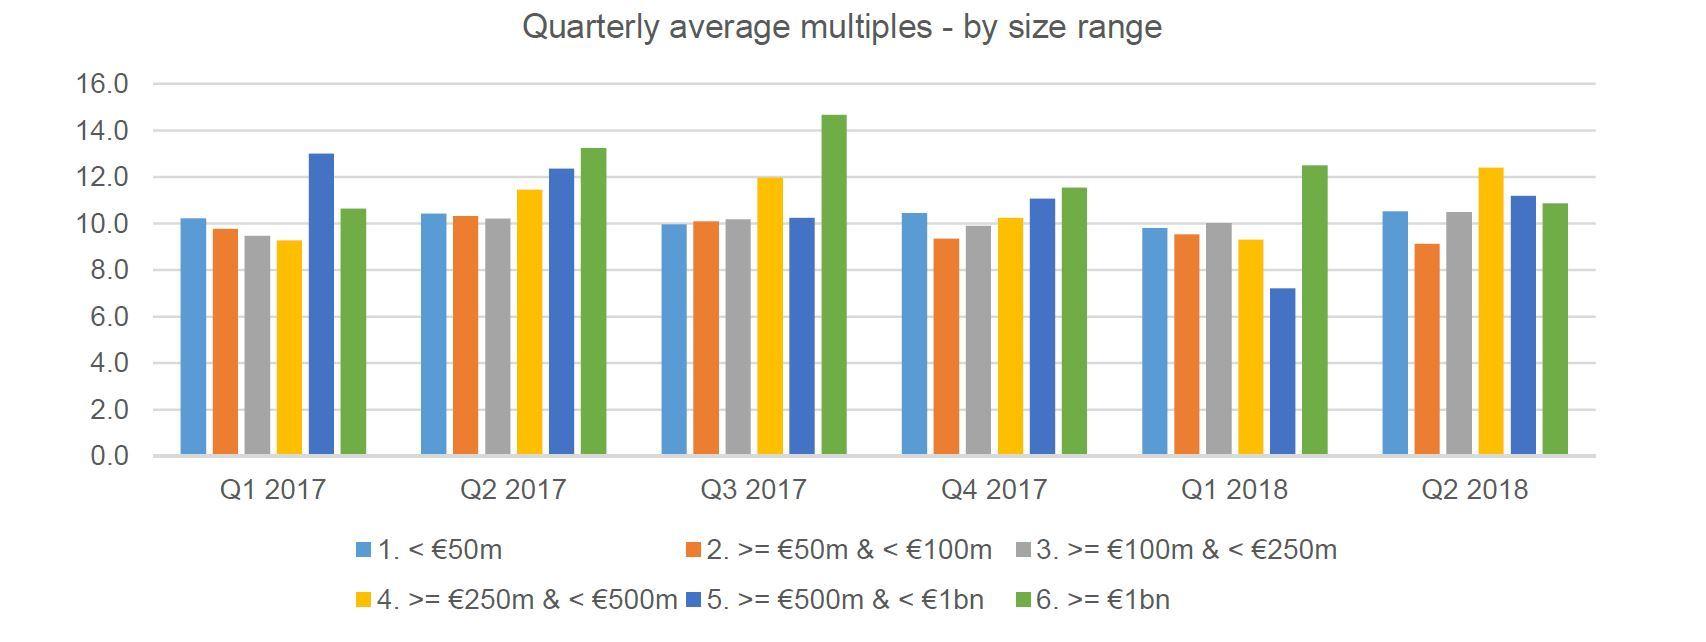 Multiples Heatmap Q2 2018 Quarterly Deal Size